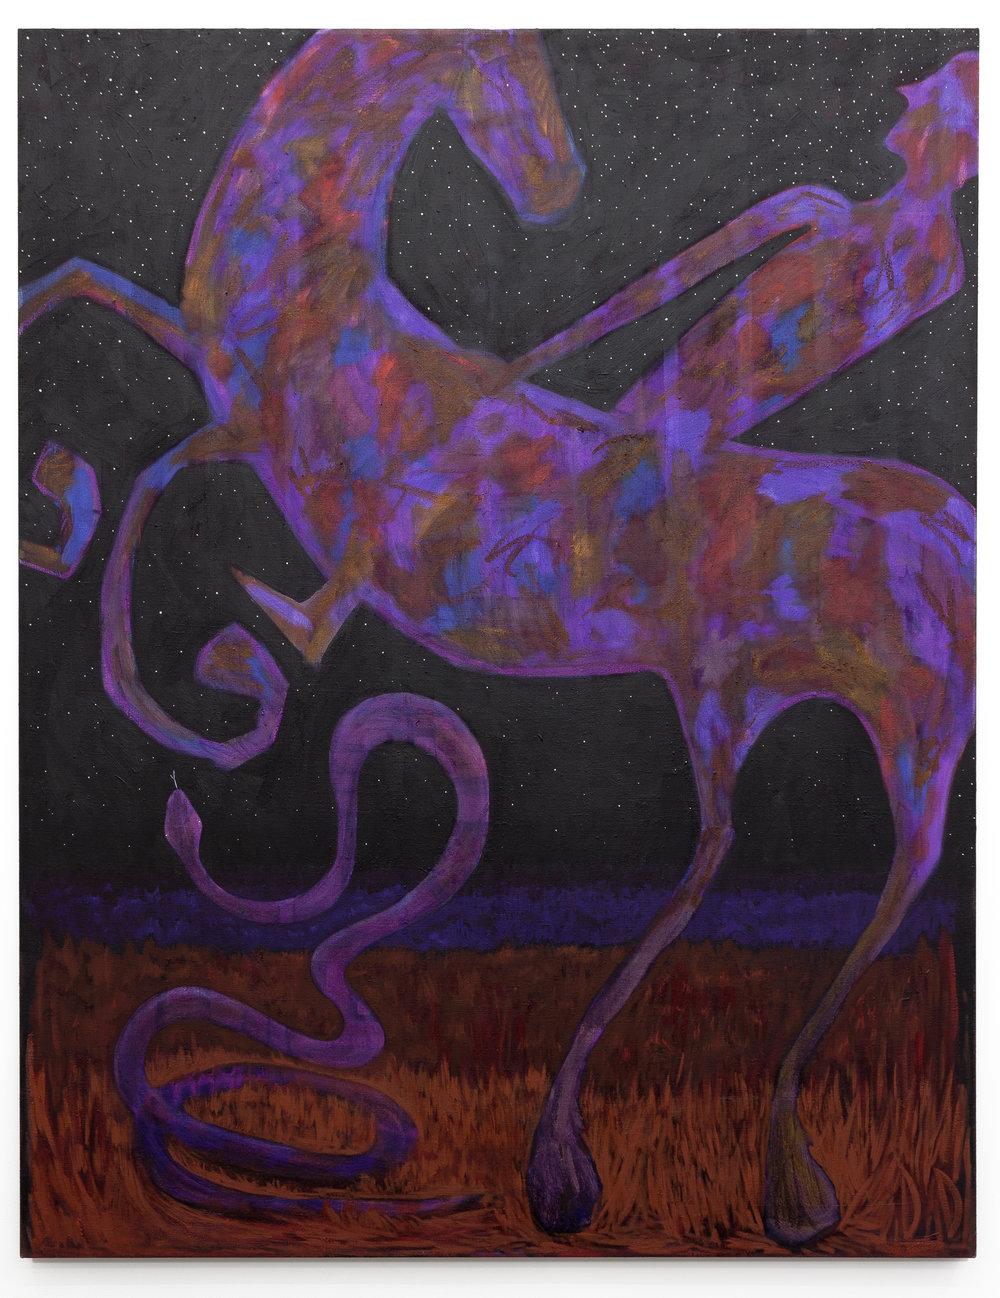 Snake on a Plain  Oil on Flax  170 x 220 cm  2016